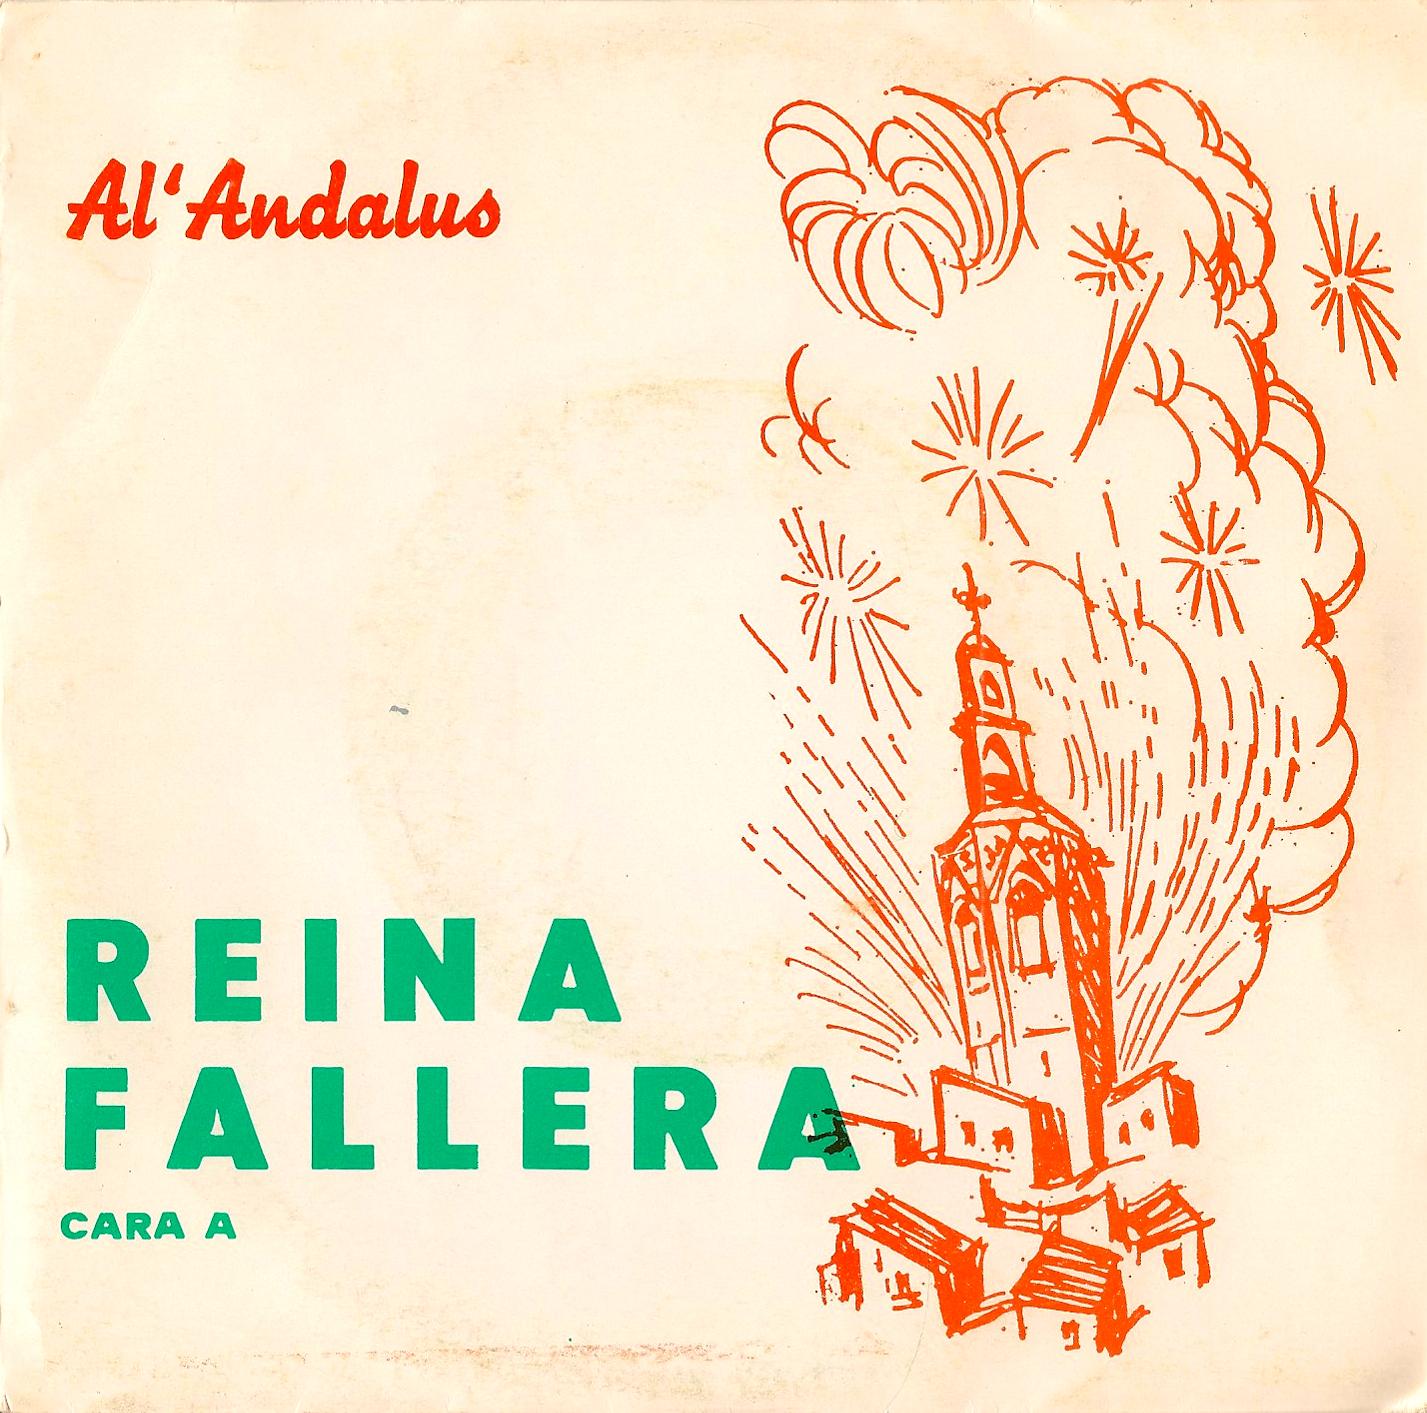 r-fallera-152B47FD6-86A6-7A48-DDD5-25023F582510.jpg